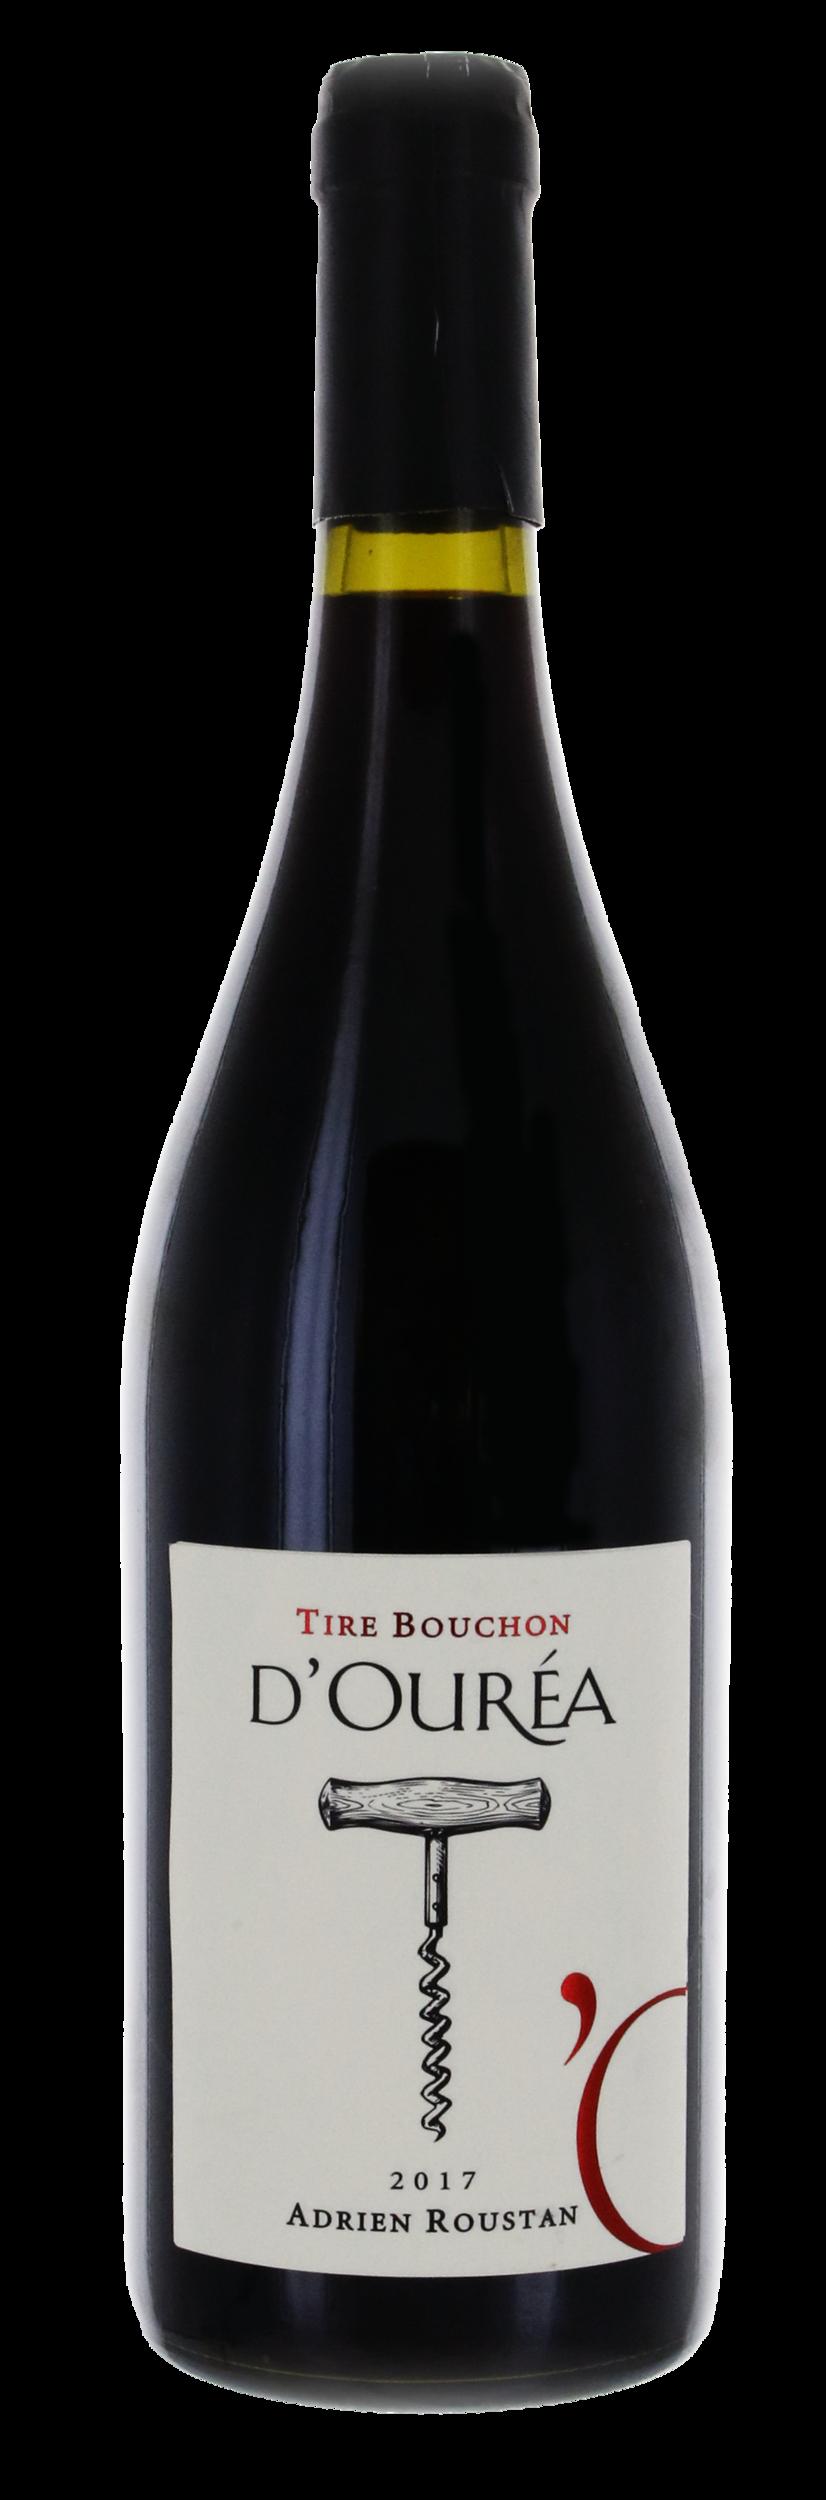 Vin de Pays - Tire Bouchon - Domaine d\'Ourea - 2018 - BIO